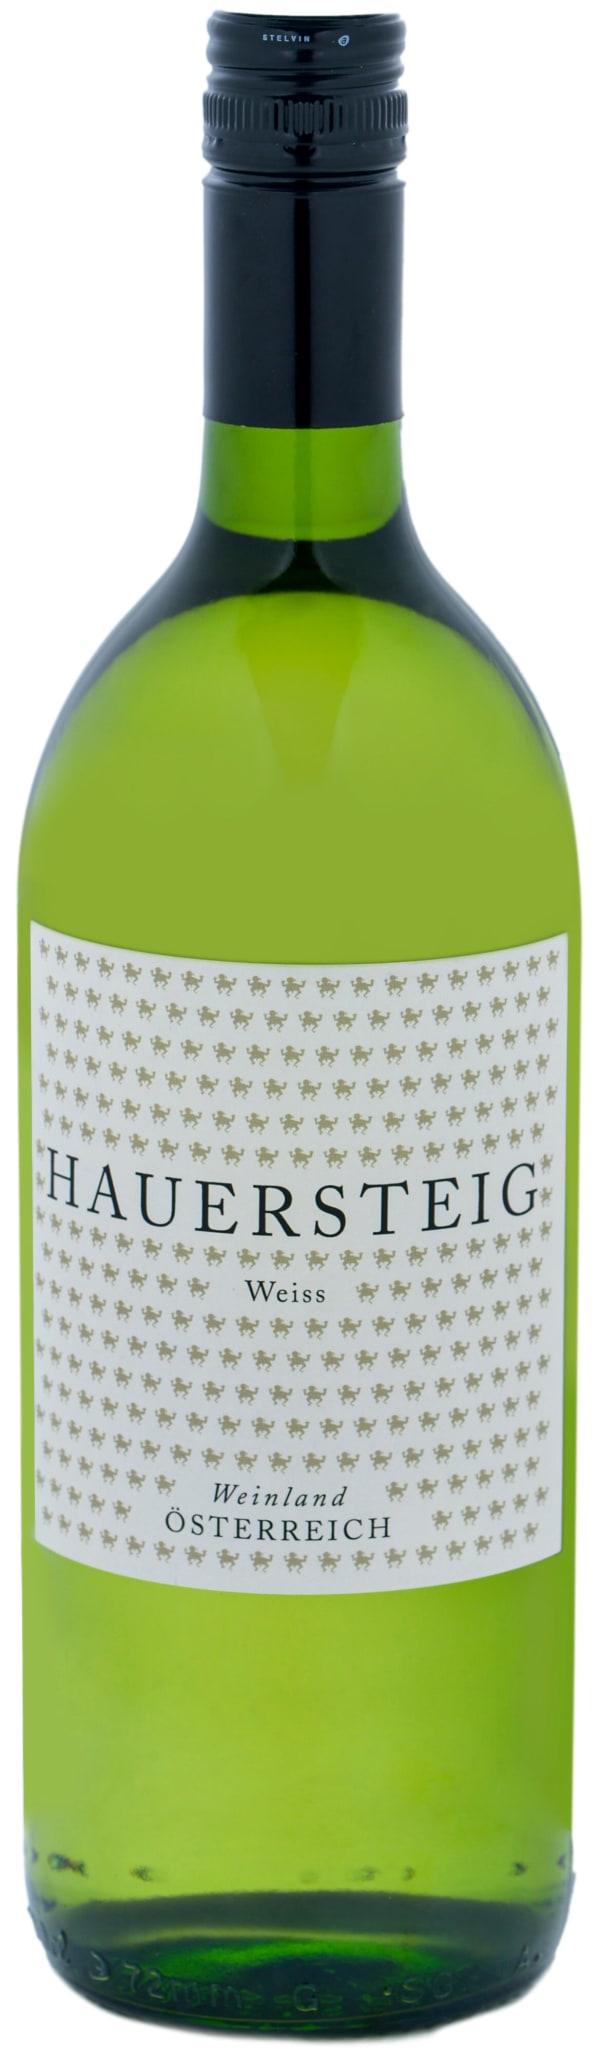 Loimer Hauersteig Weiss